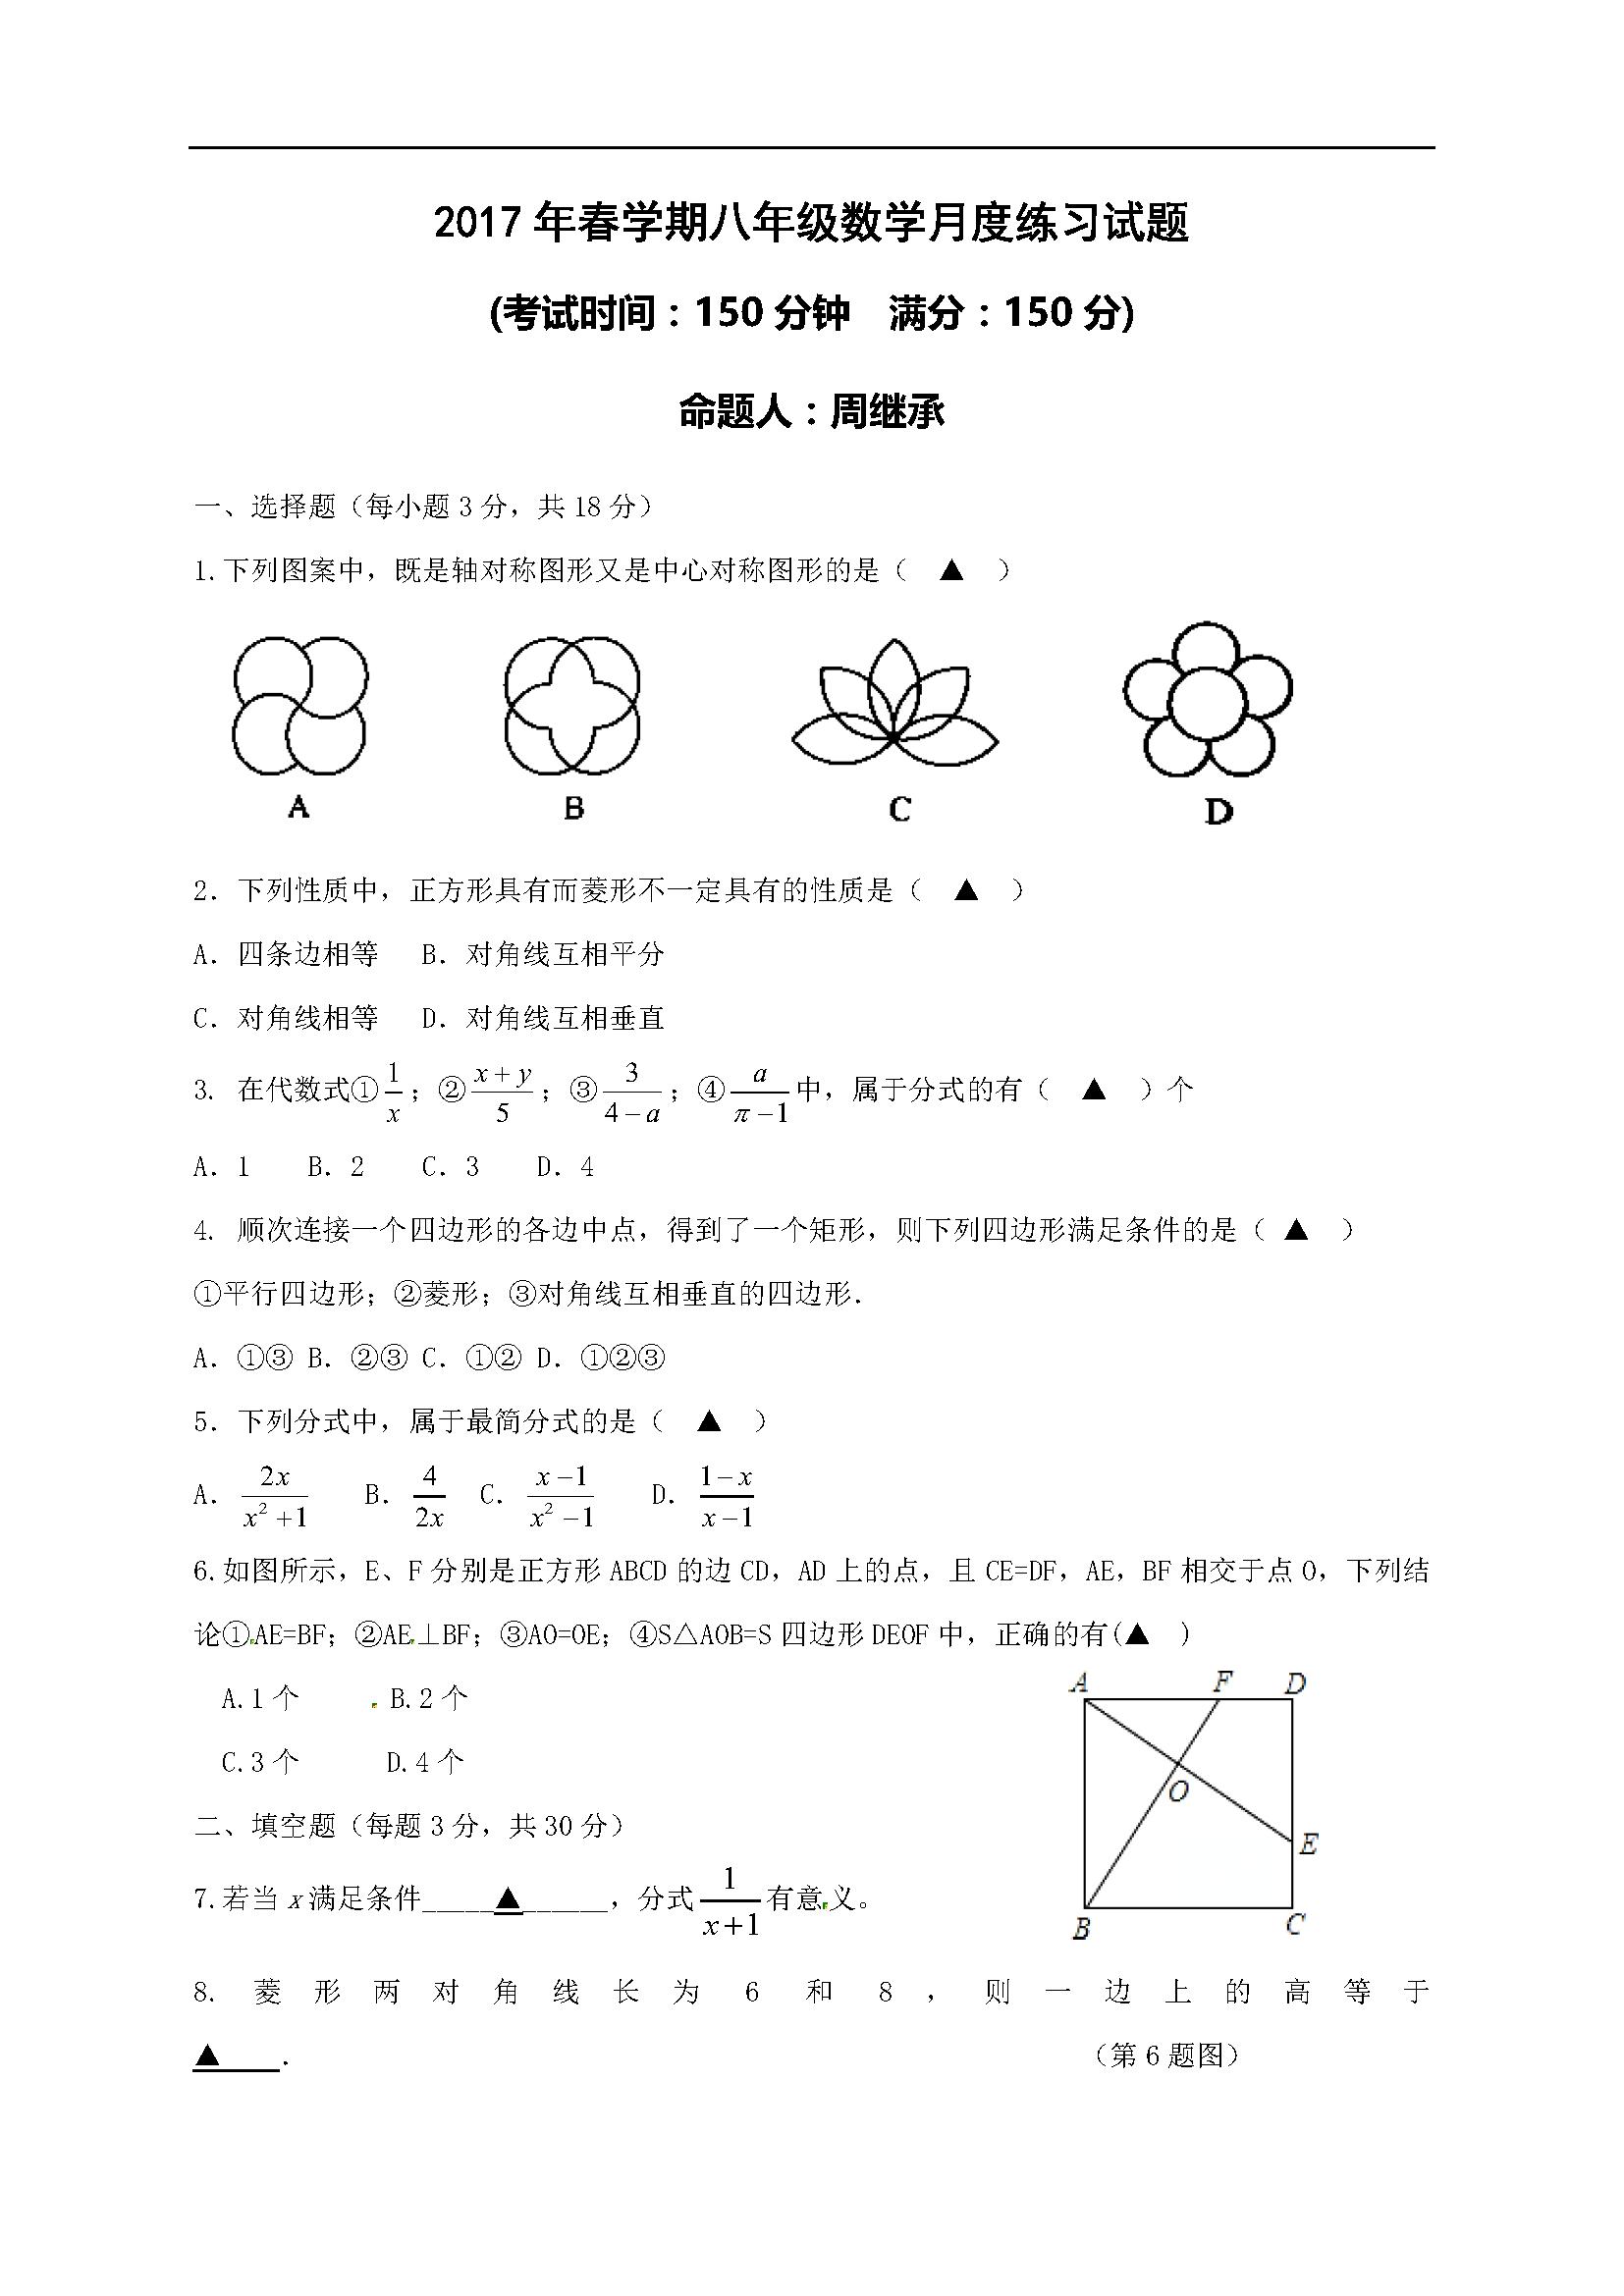 2017江苏泰州中学附属初级中学八年级下第一次月考数学试题(Word版)